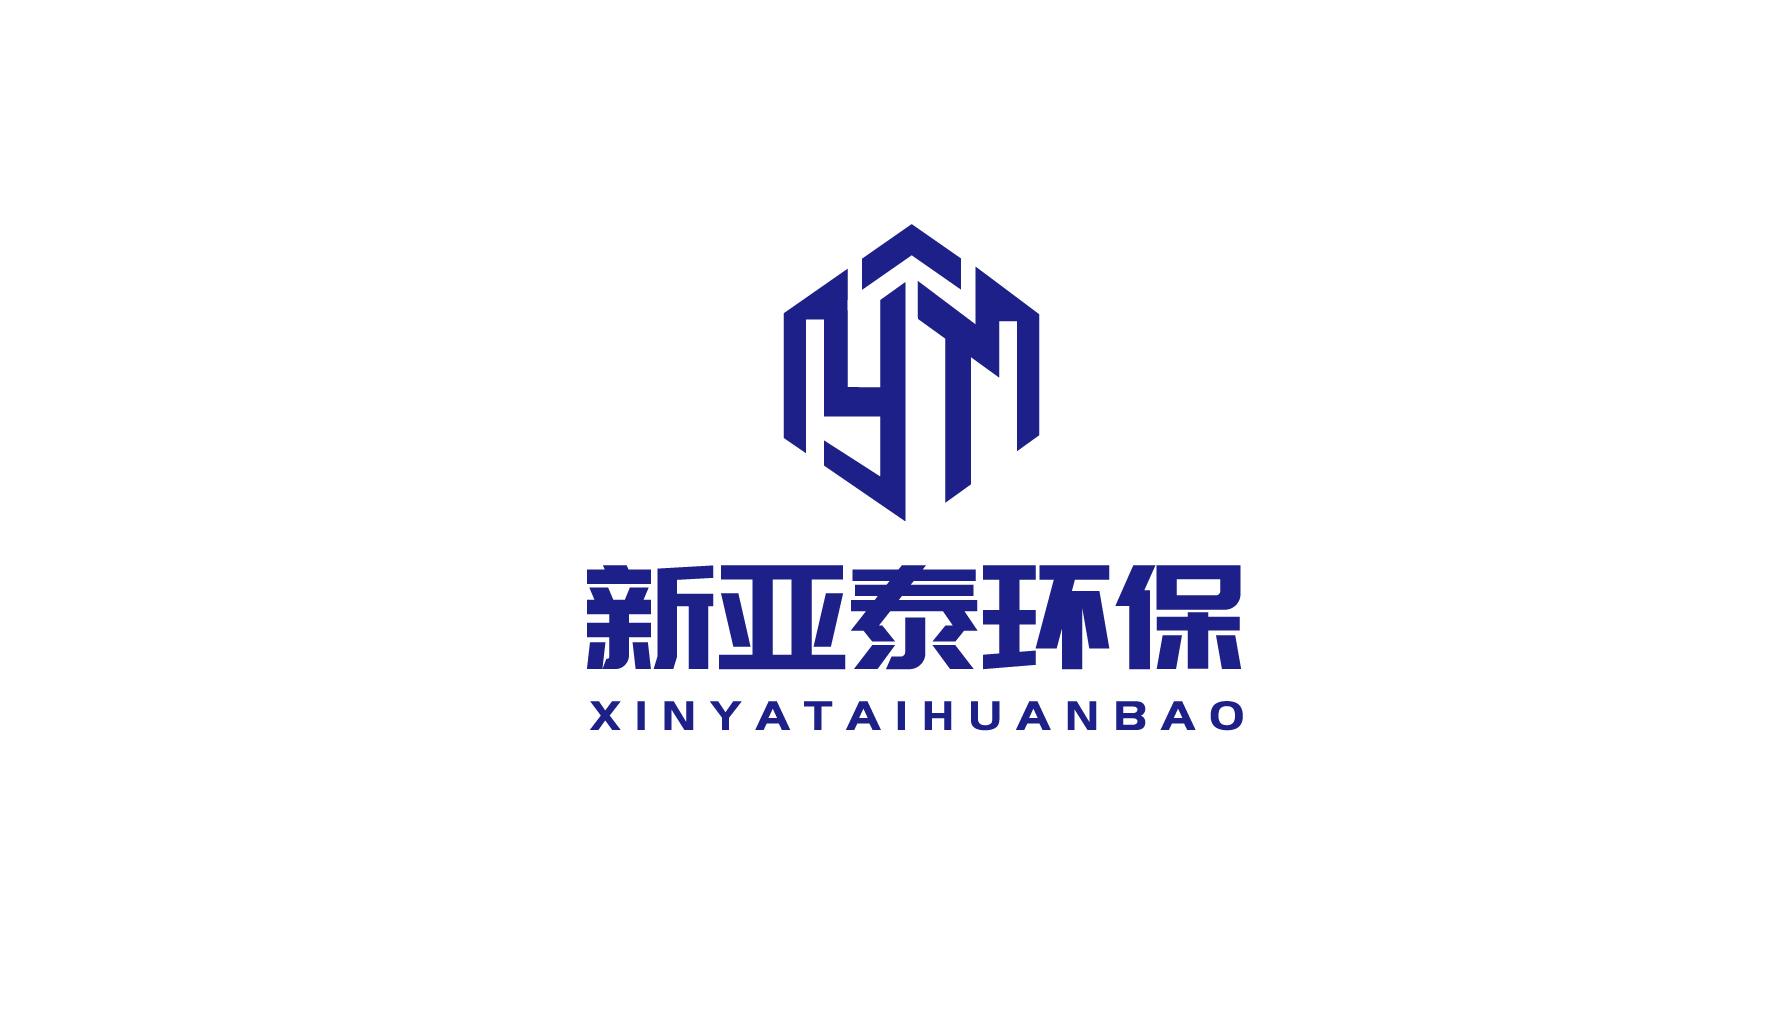 山东新亚泰环保科技有限公司